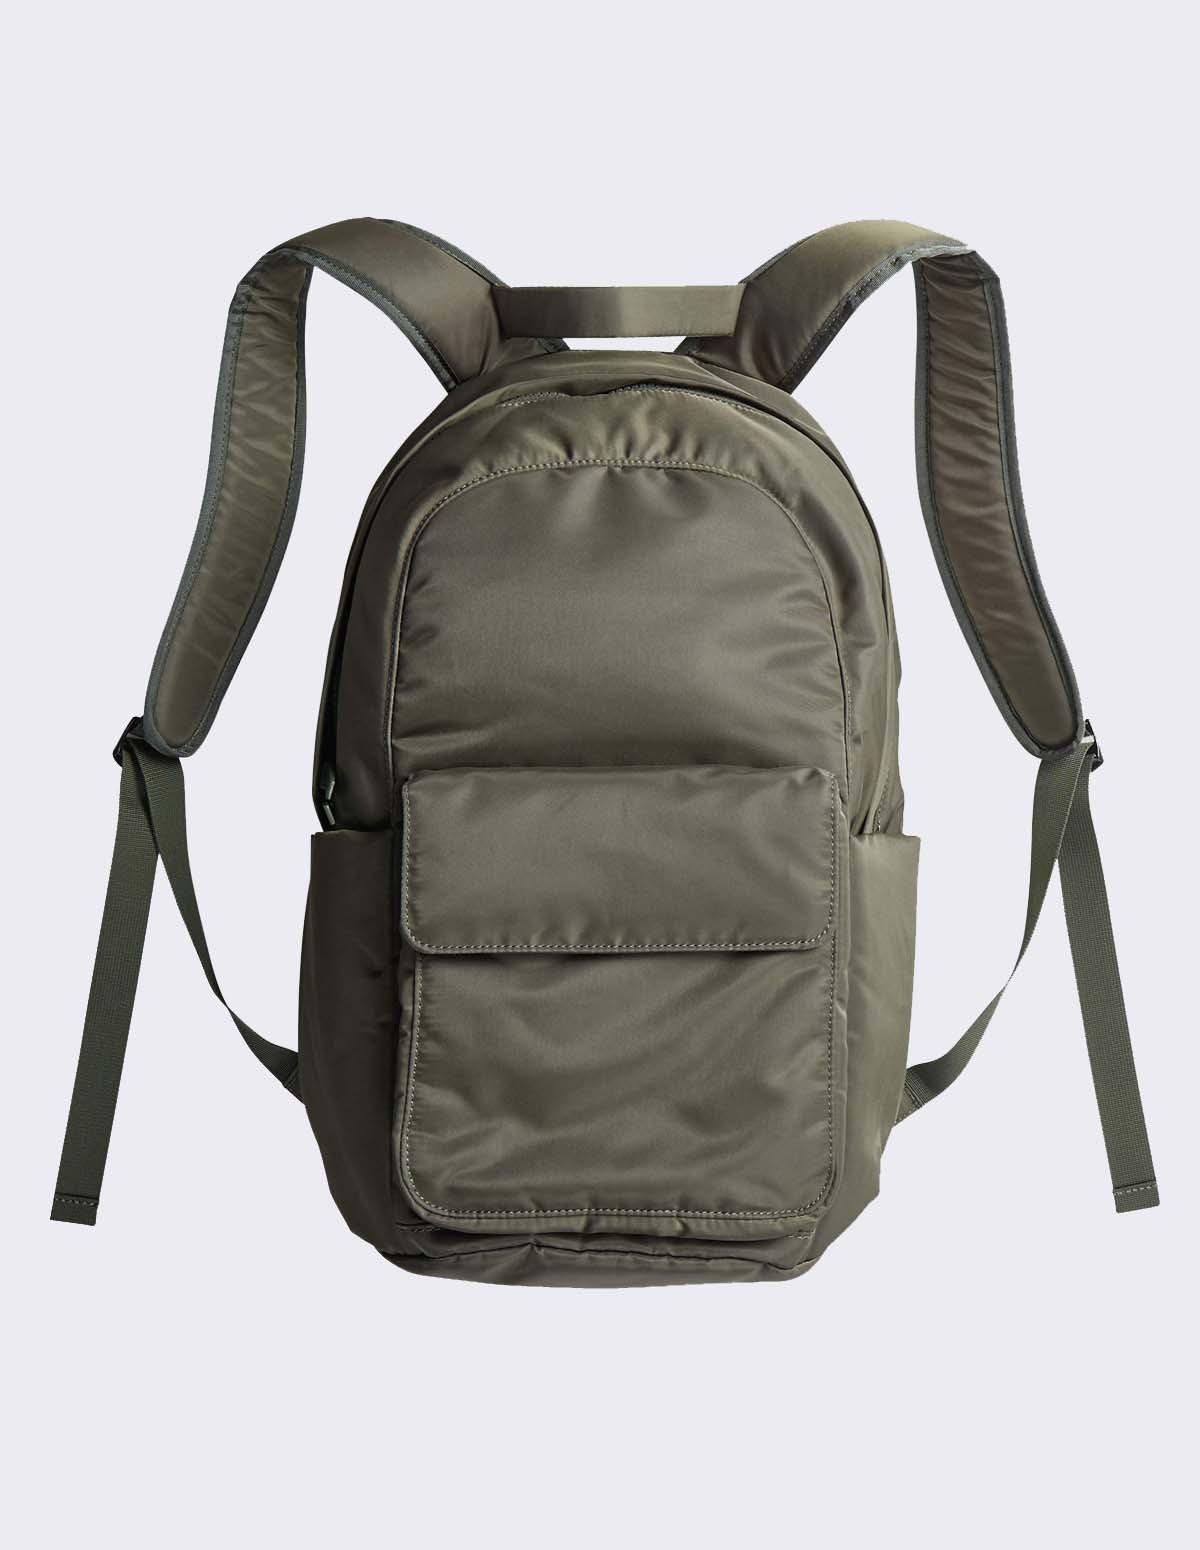 Nn07 Back Pack 9166 - 301 ARMY